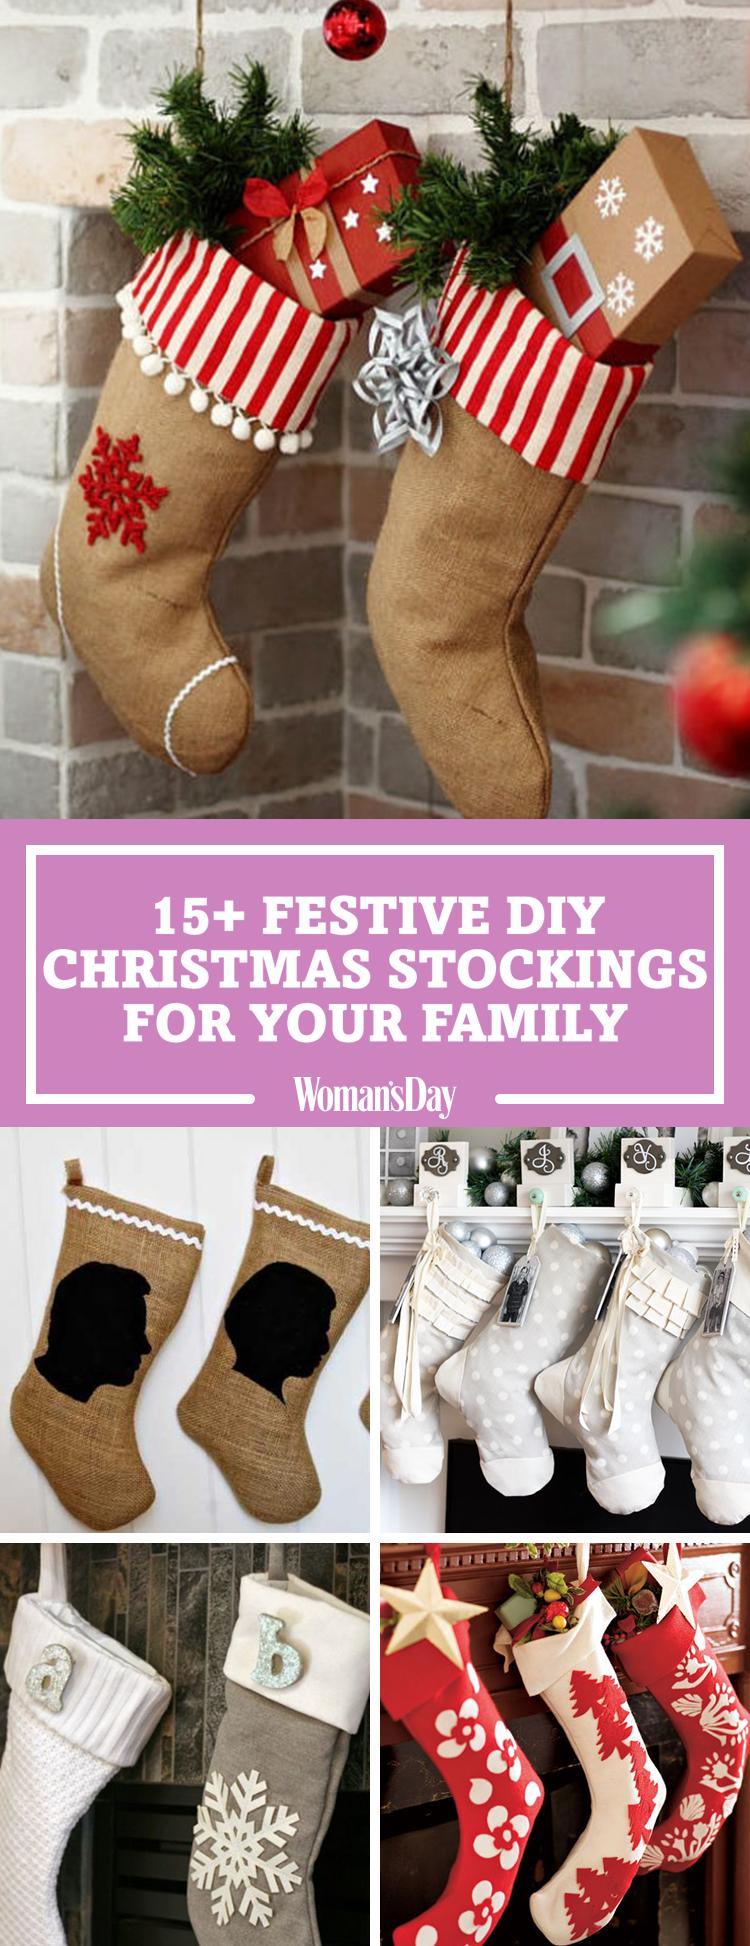 20 DIY Christmas Stockings - How to Make Christmas ...